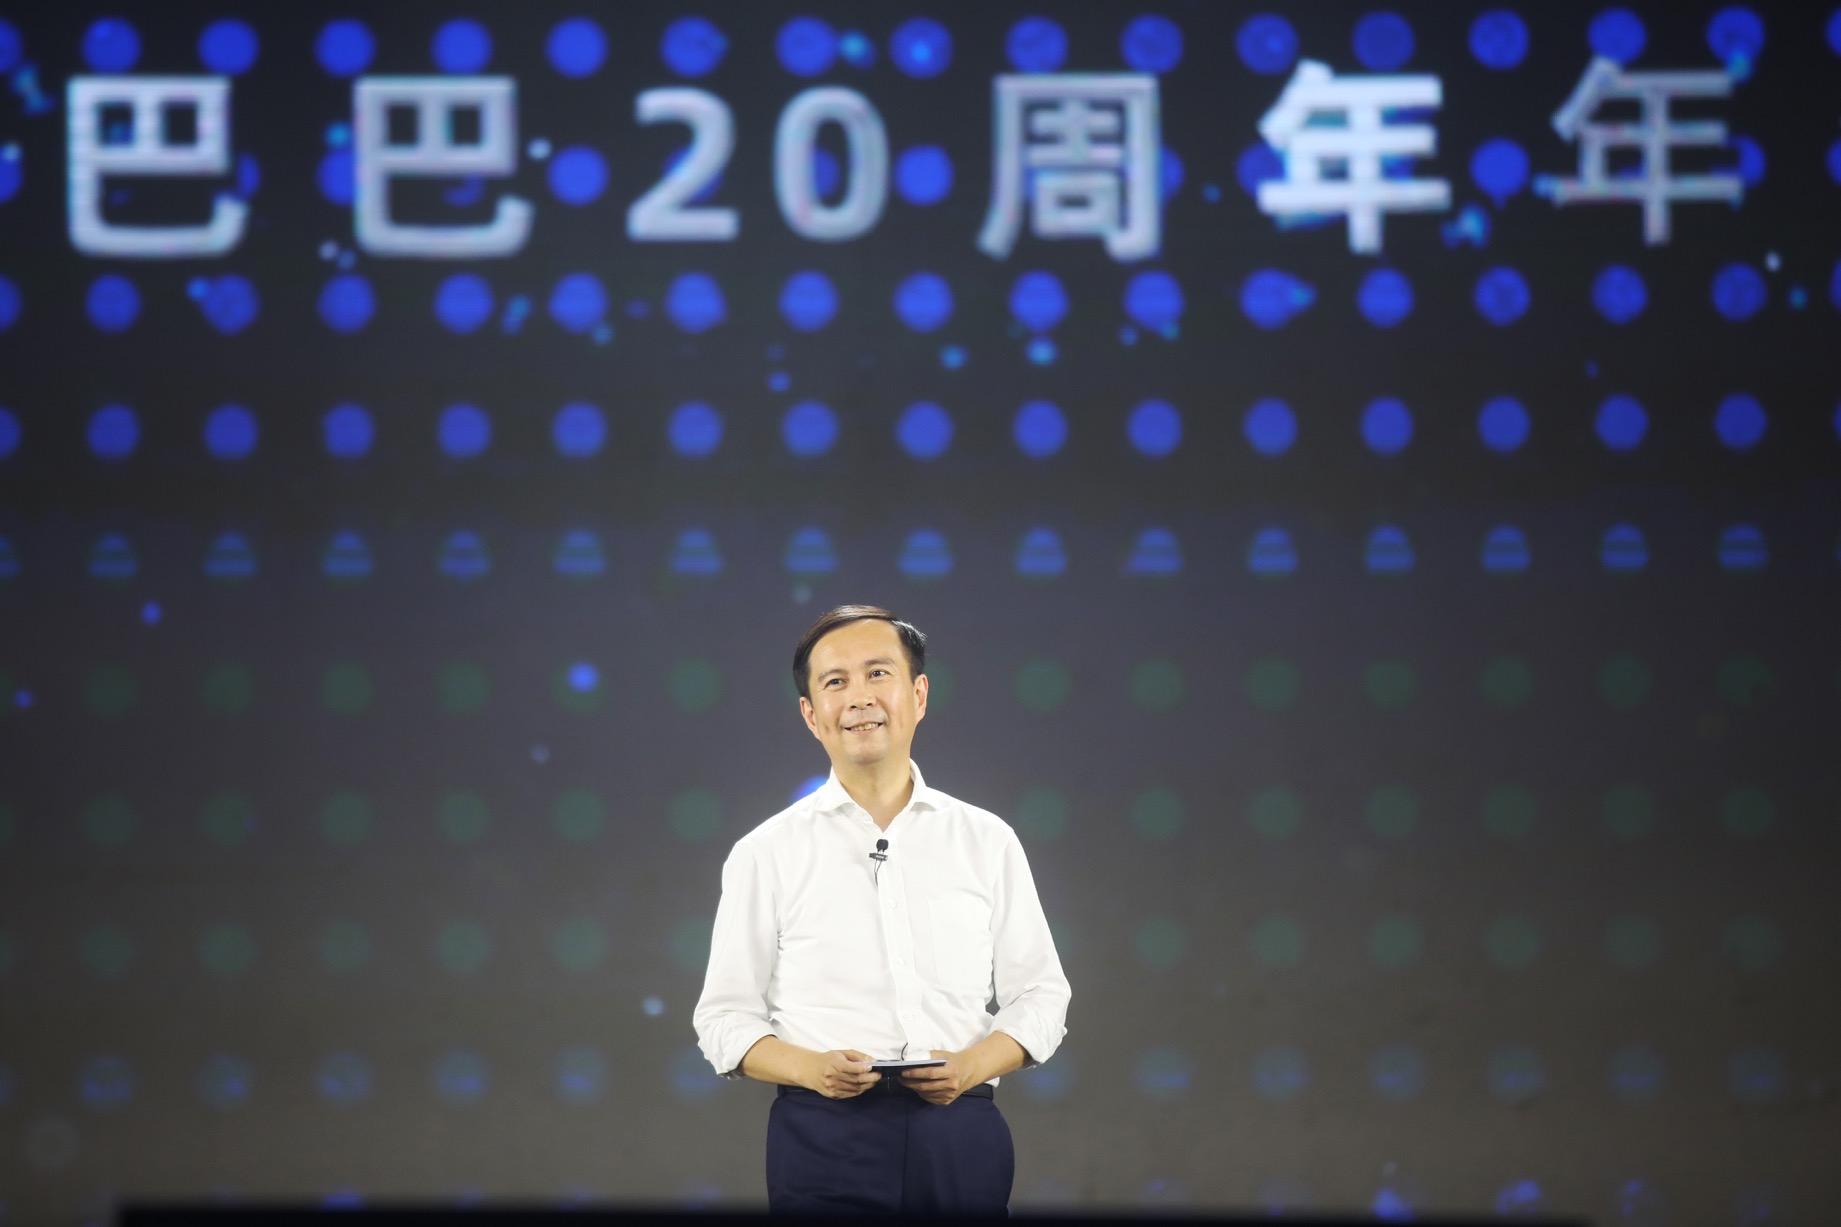 2019数交会将开幕!阿里董事局主席张勇:数字经济时代线上线下是同一个世界